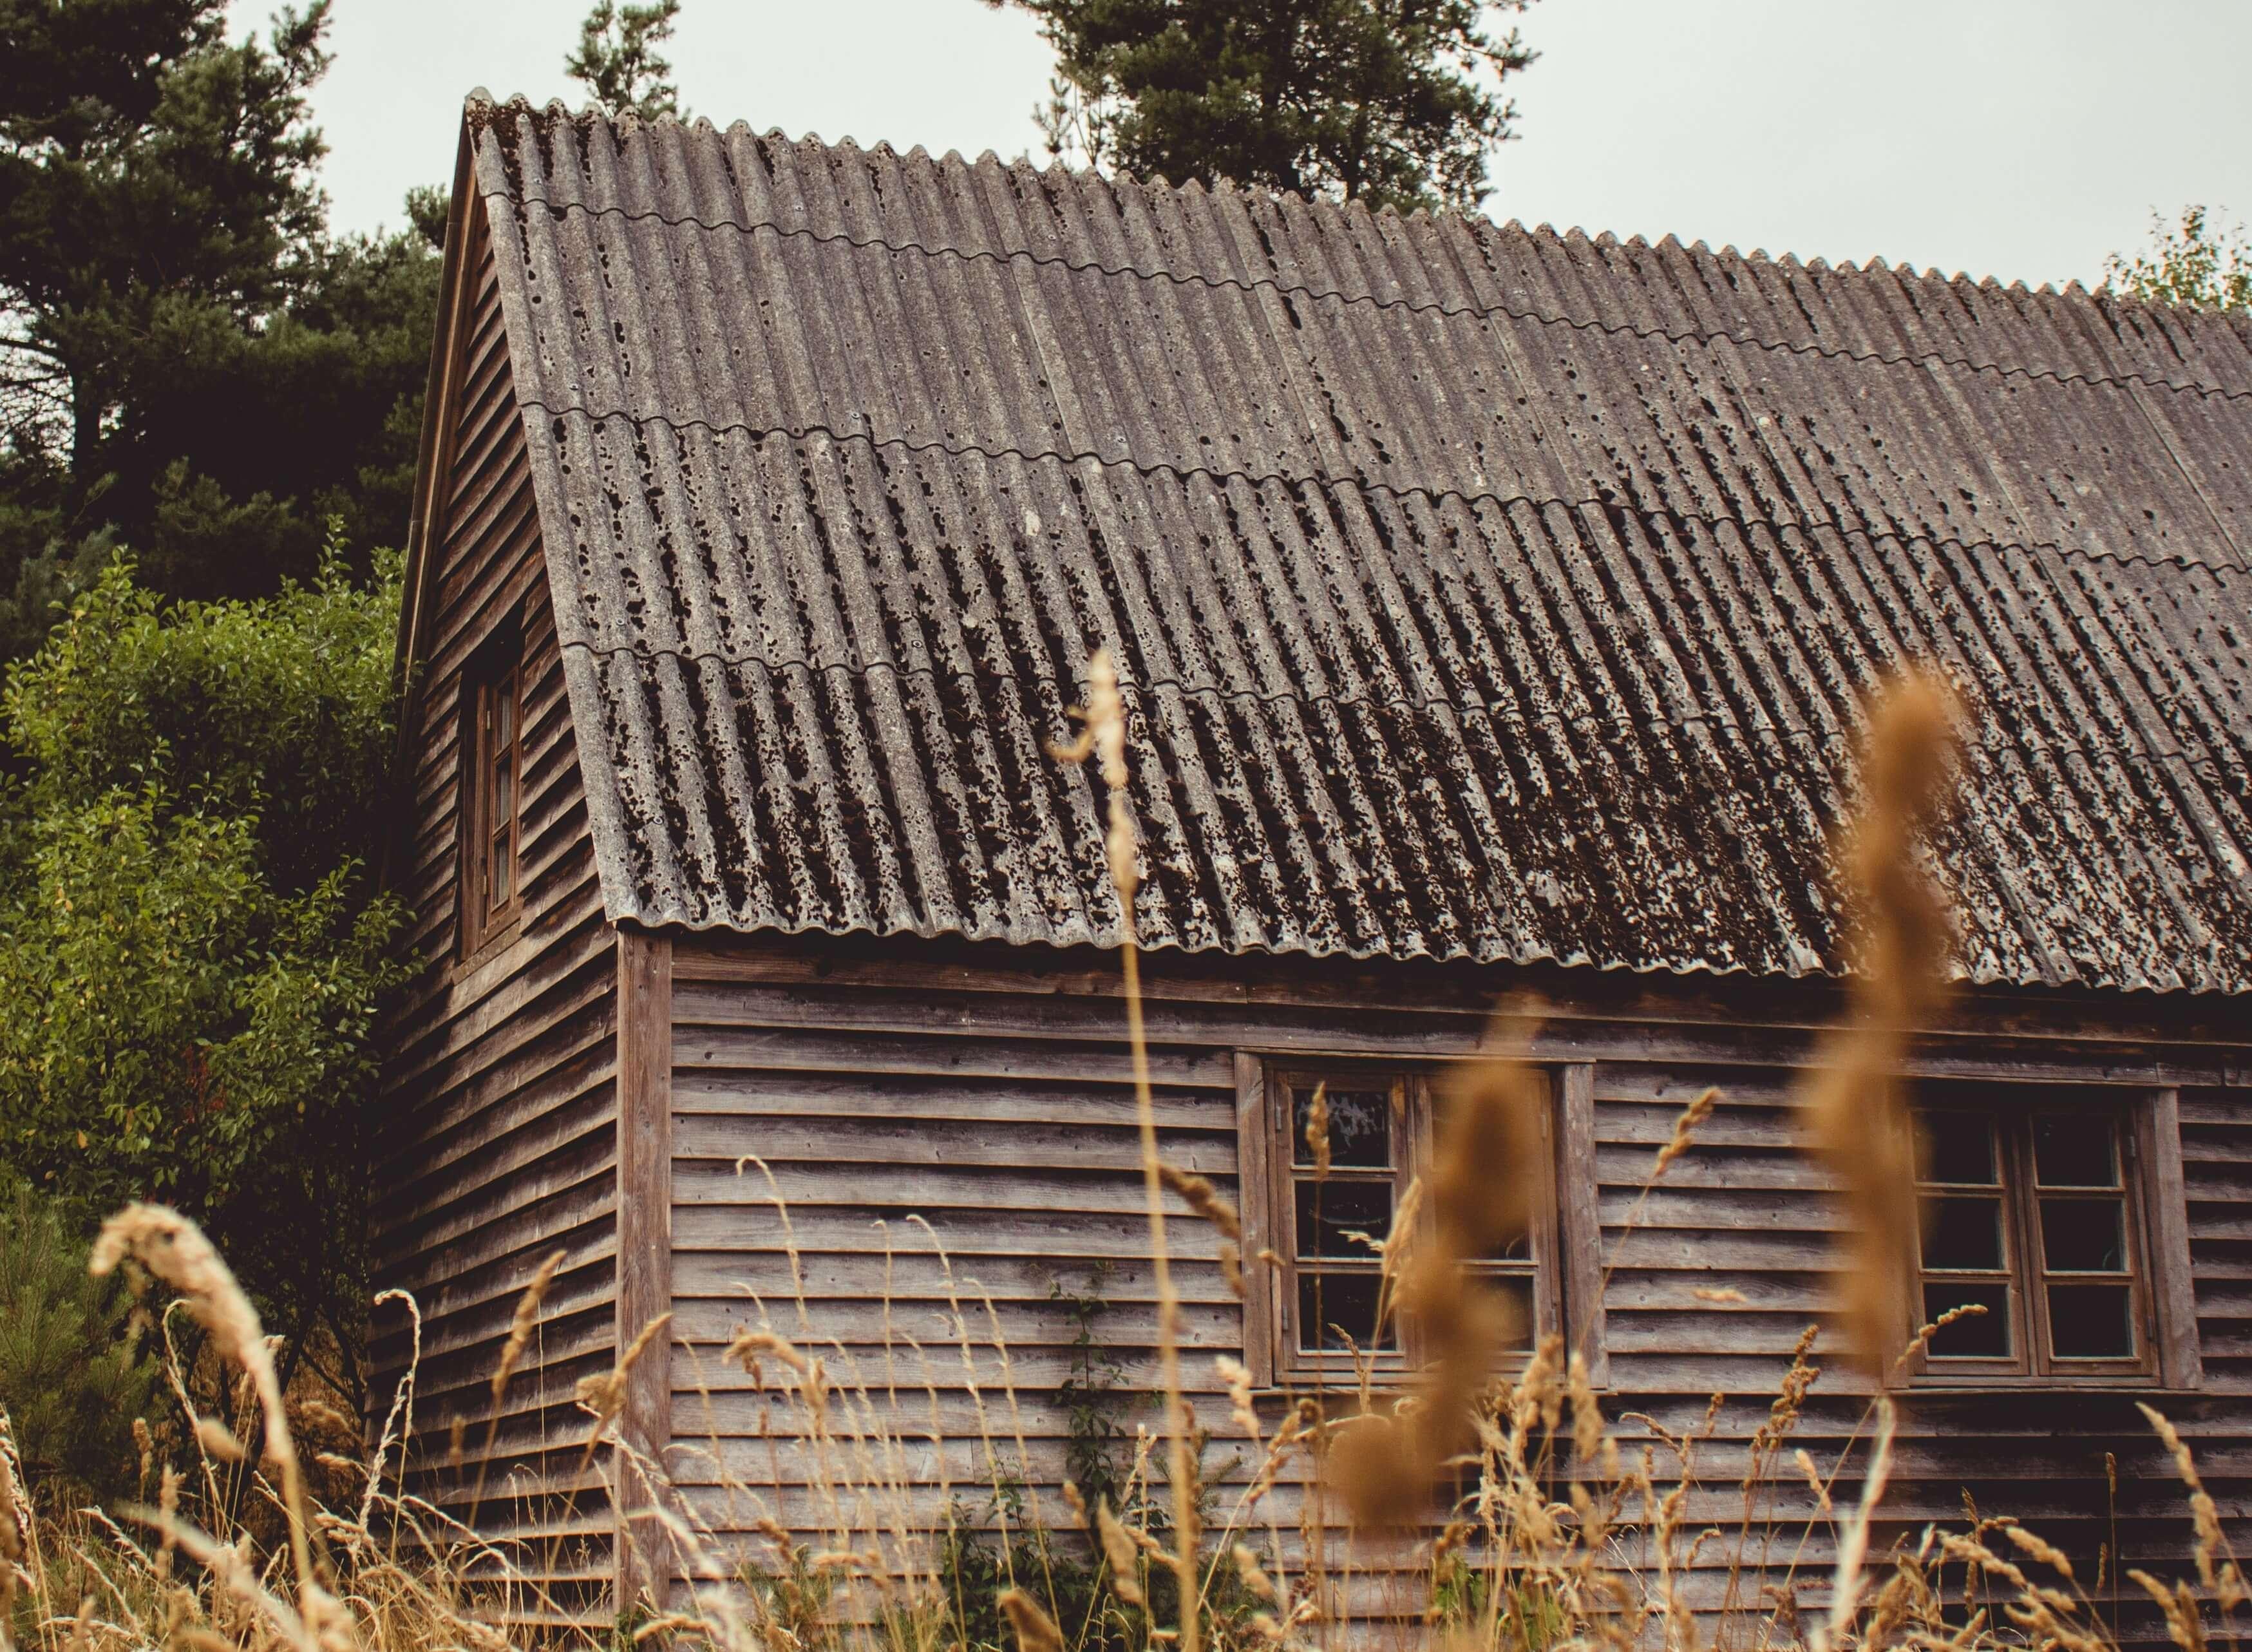 外壁・屋根の劣化や損傷を放置する危険性